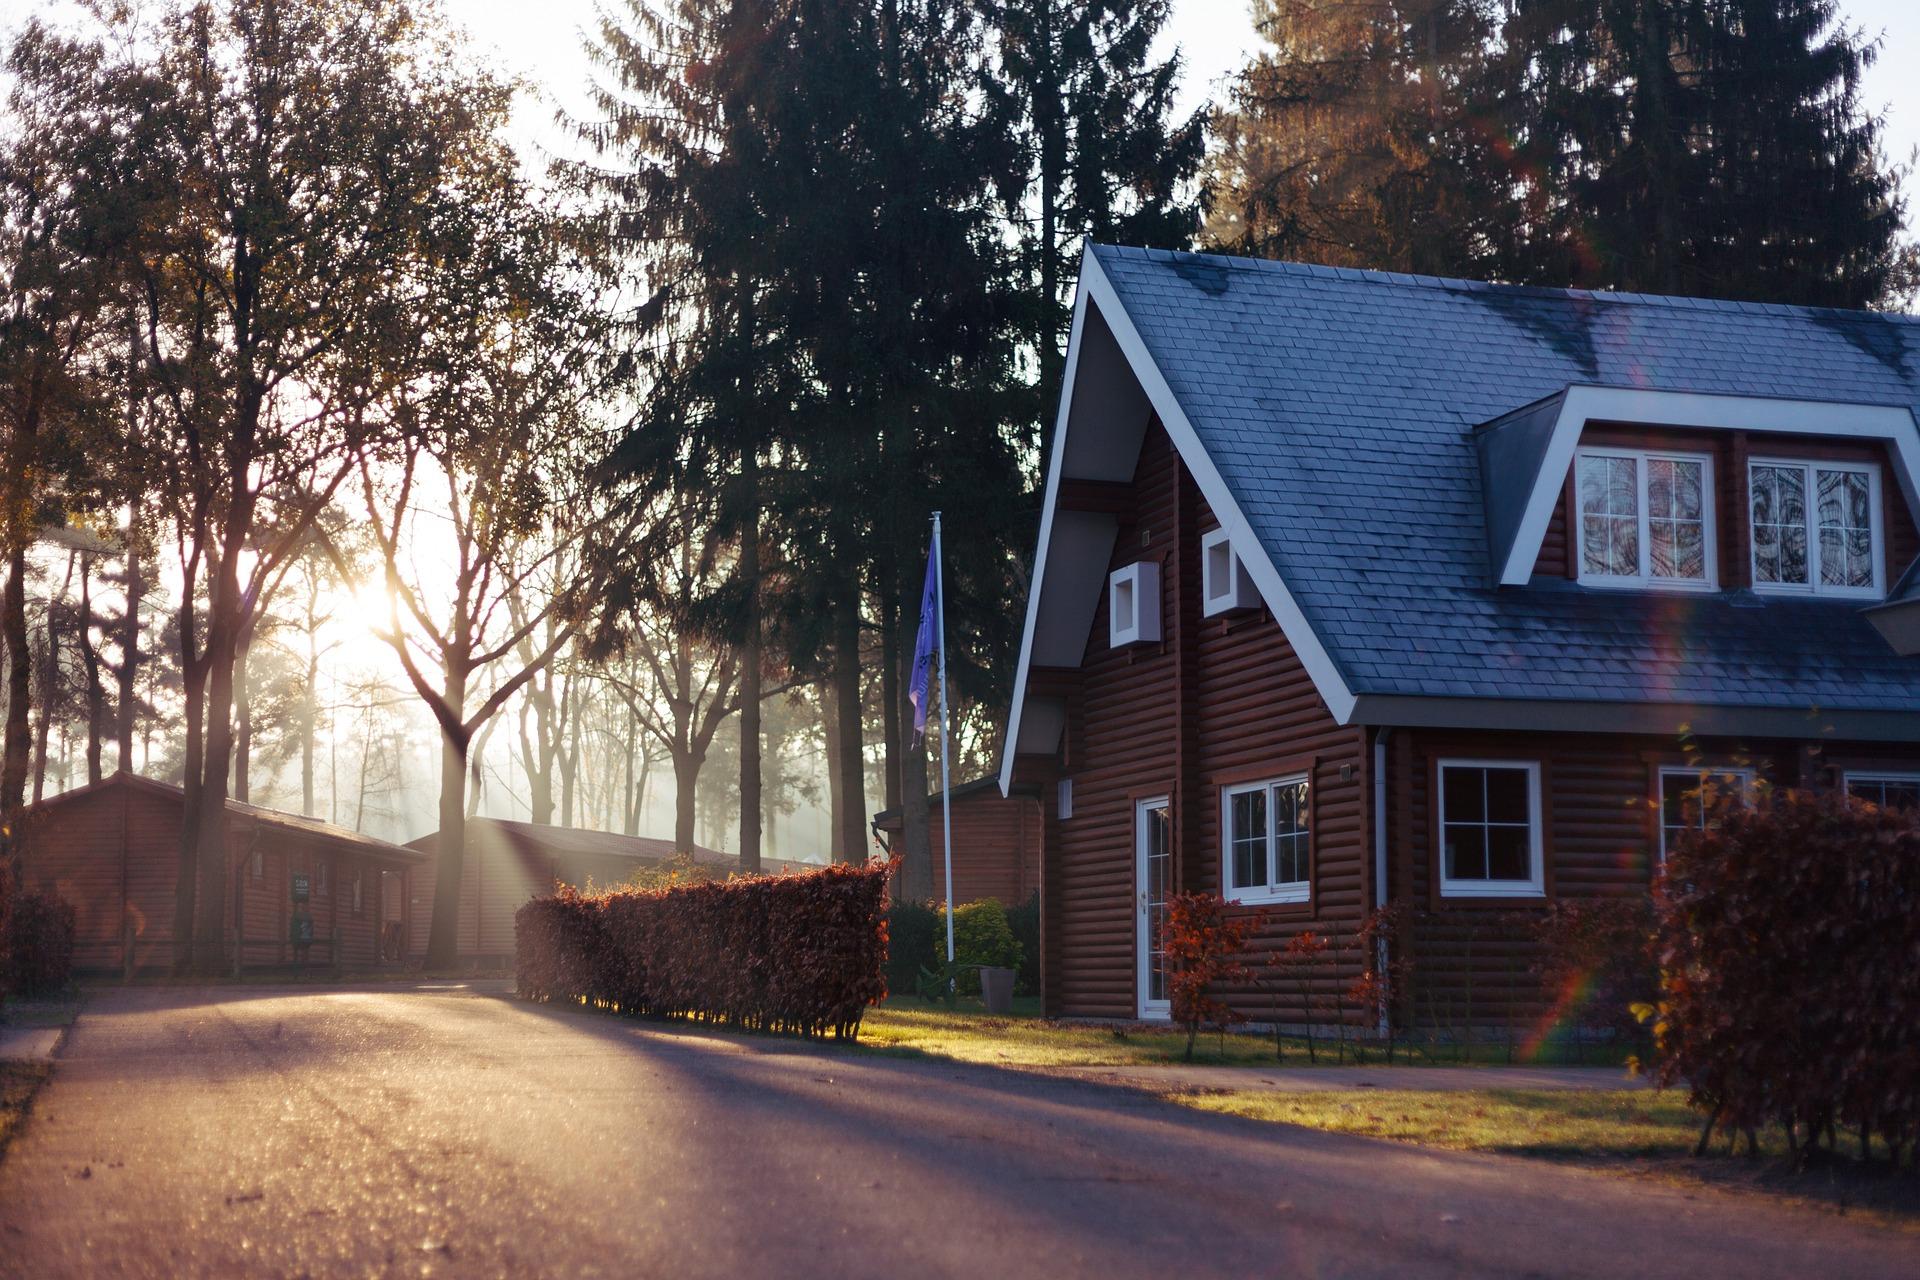 houses-1150022_1920.jpg